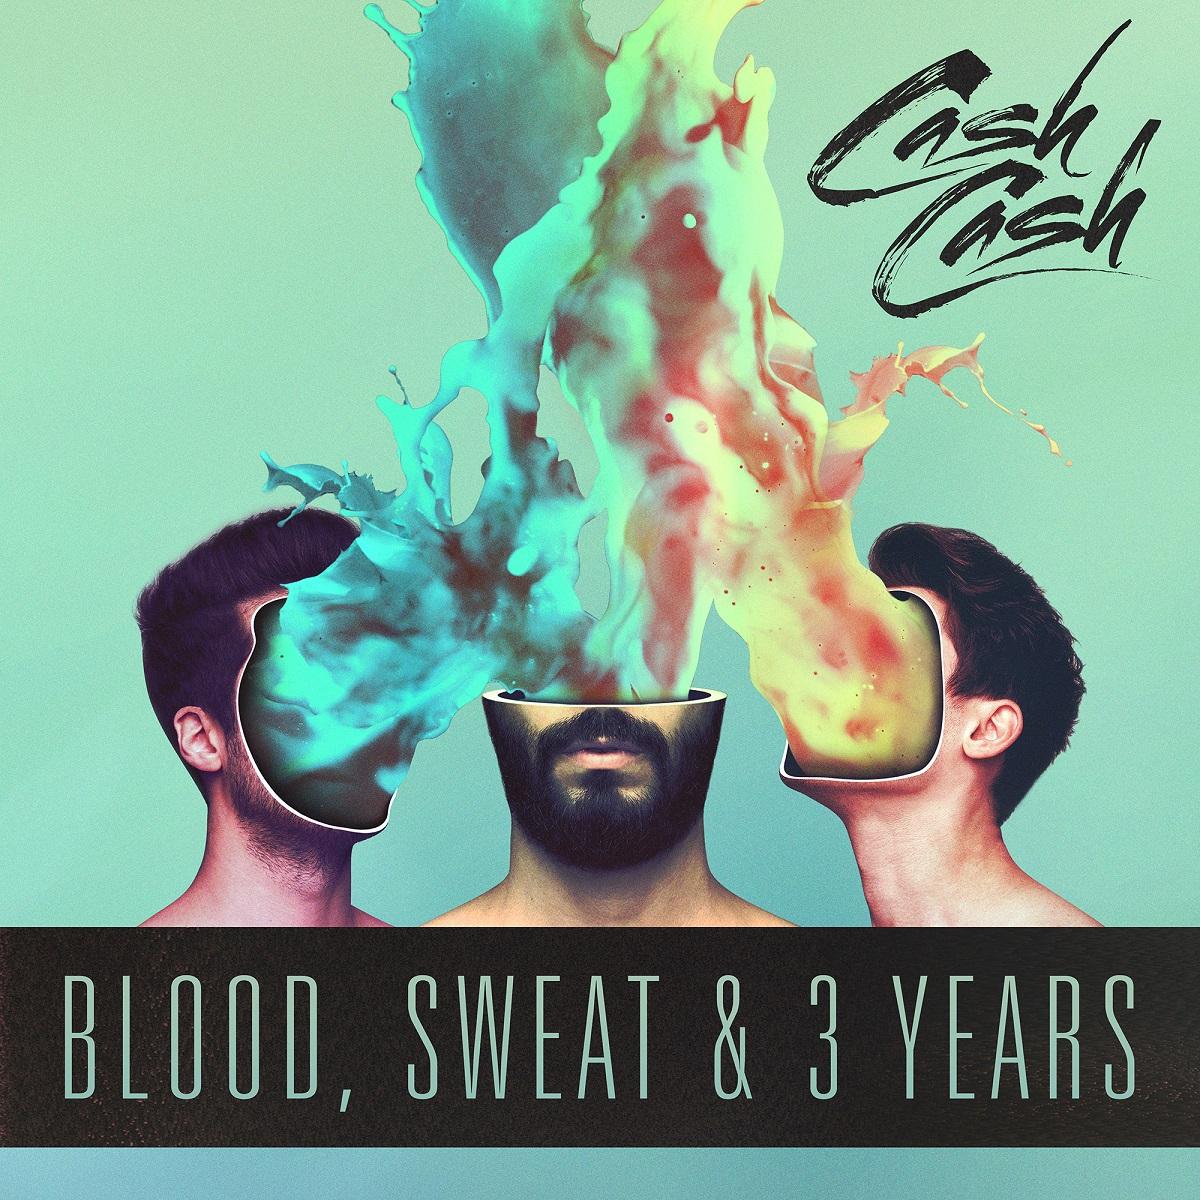 Cash Cash's Newest Album Premieres At #1 On iTunes Dance